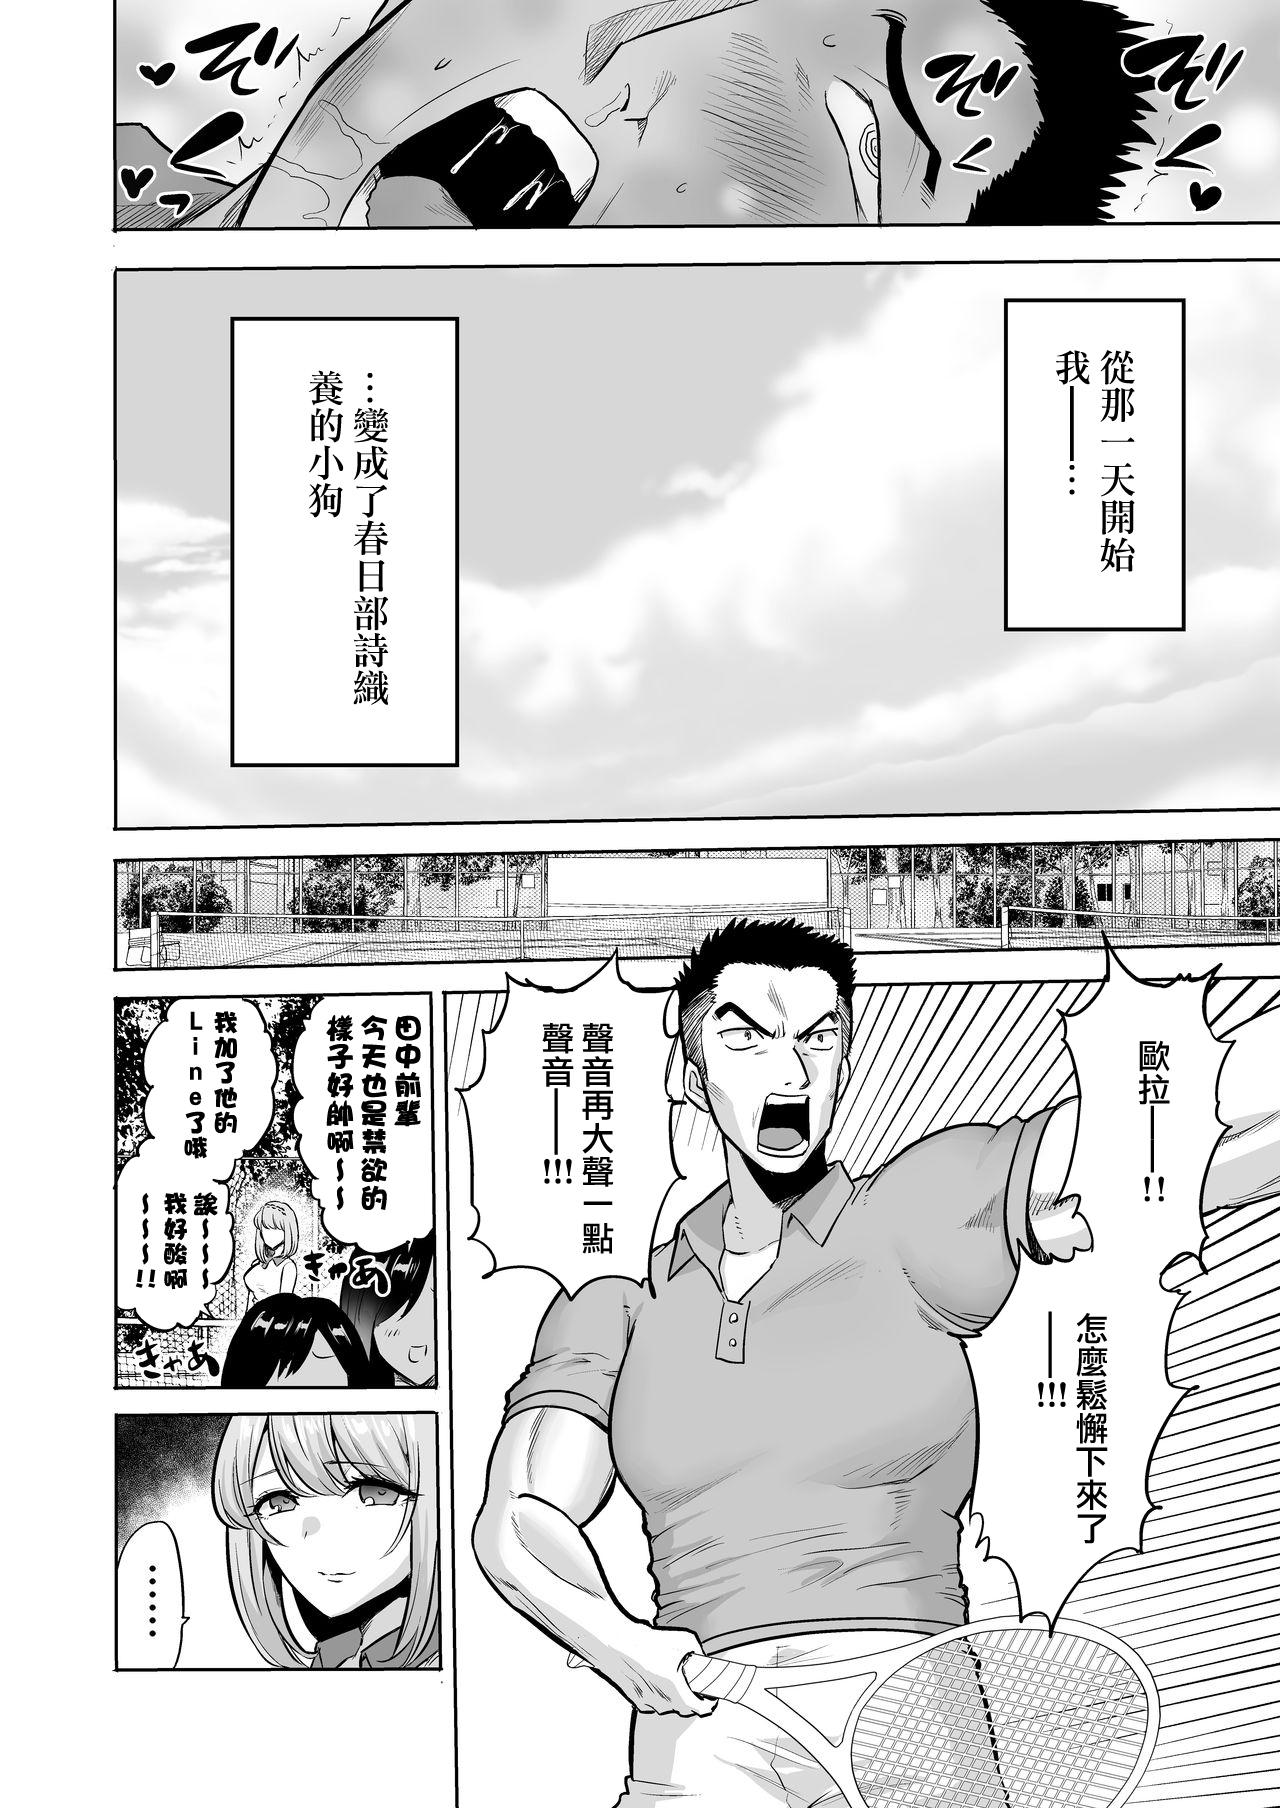 Sasayaki no Inma 15